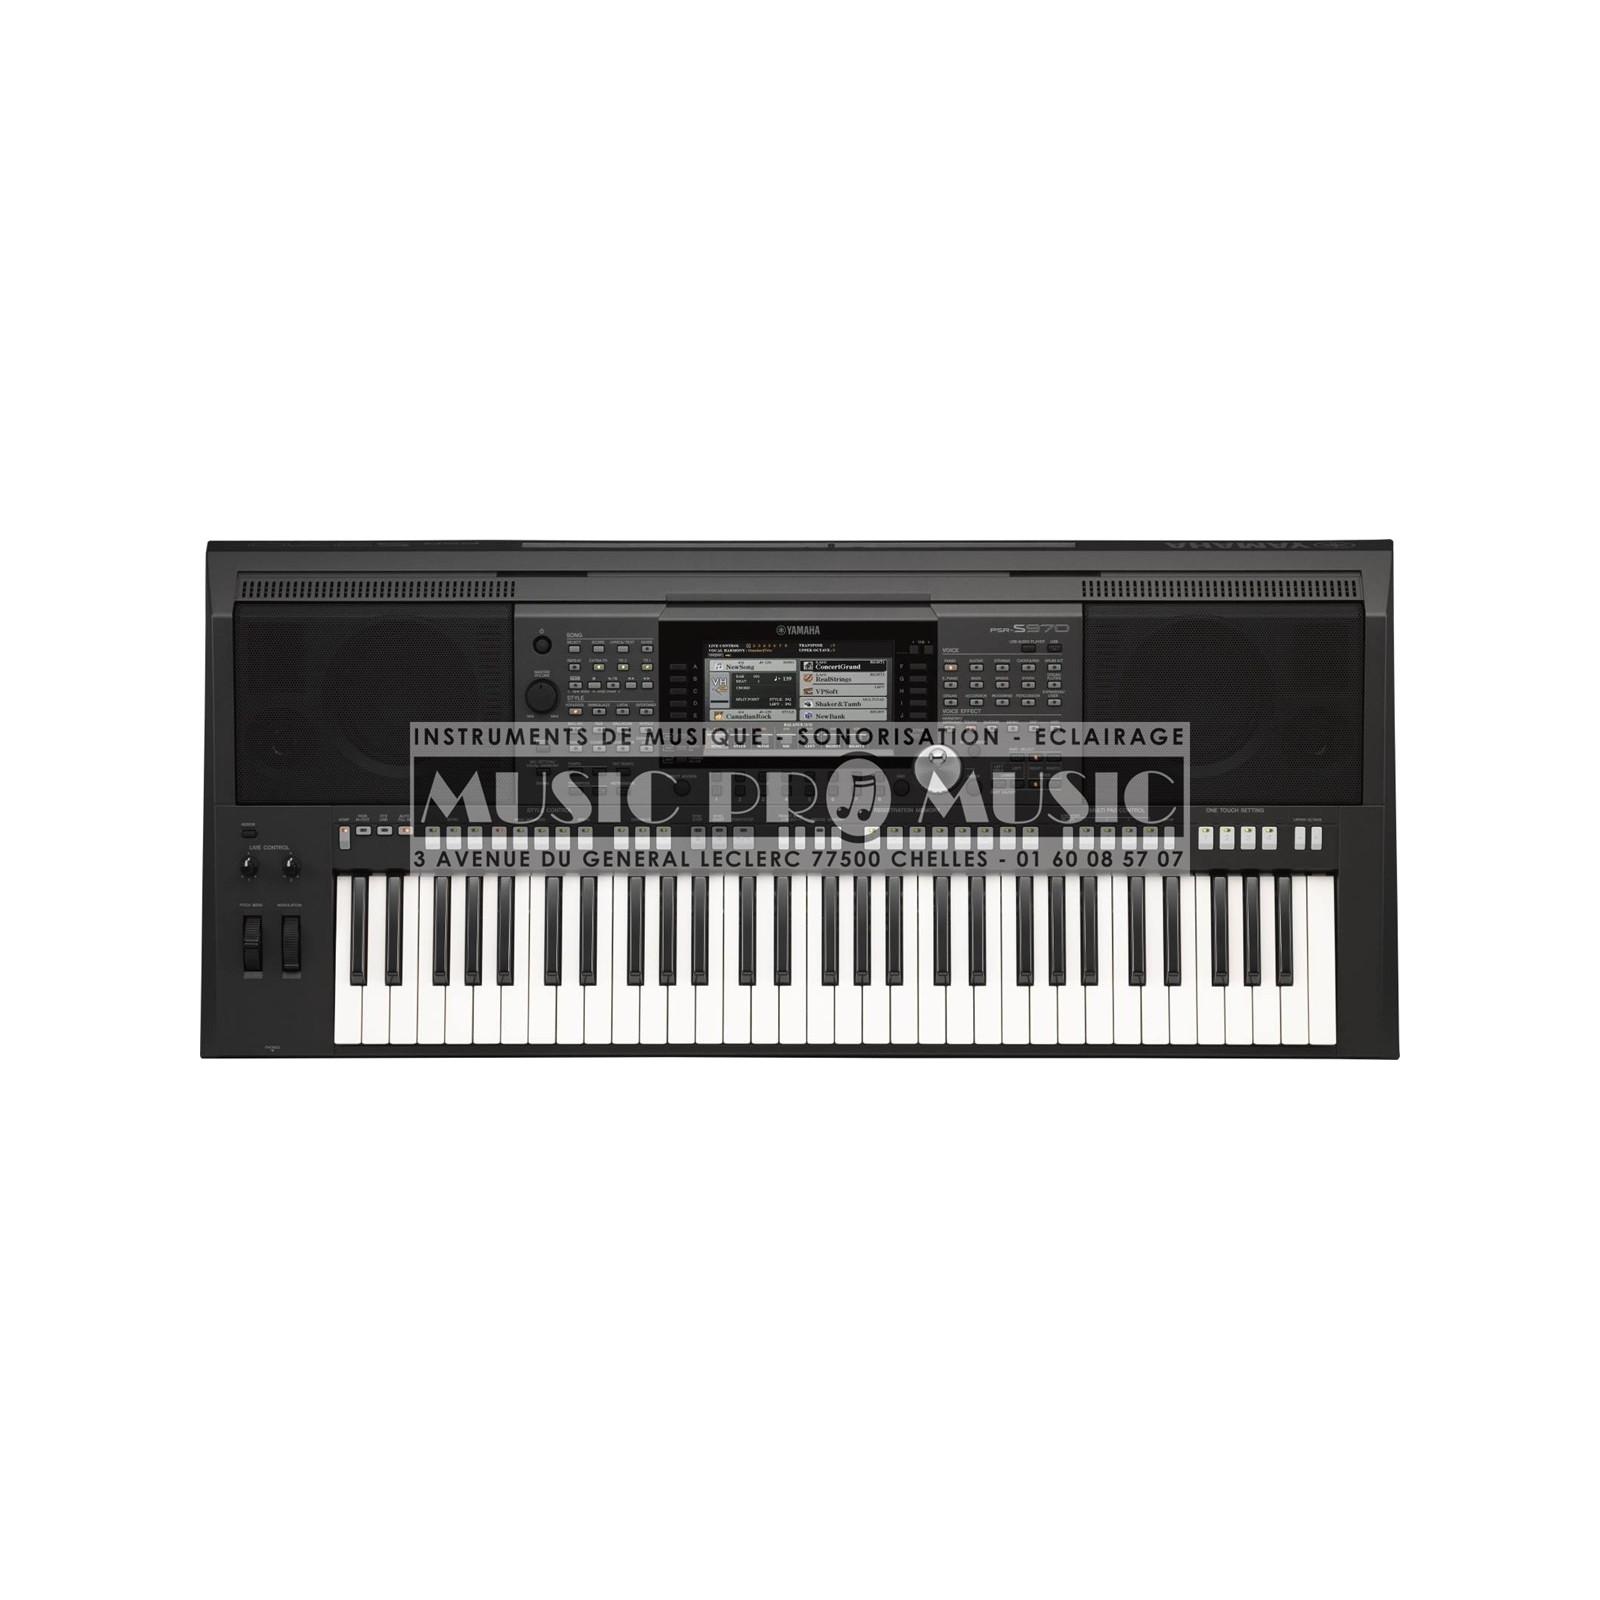 yamaha psrs970 clavier arrangeur 61 notes. Black Bedroom Furniture Sets. Home Design Ideas